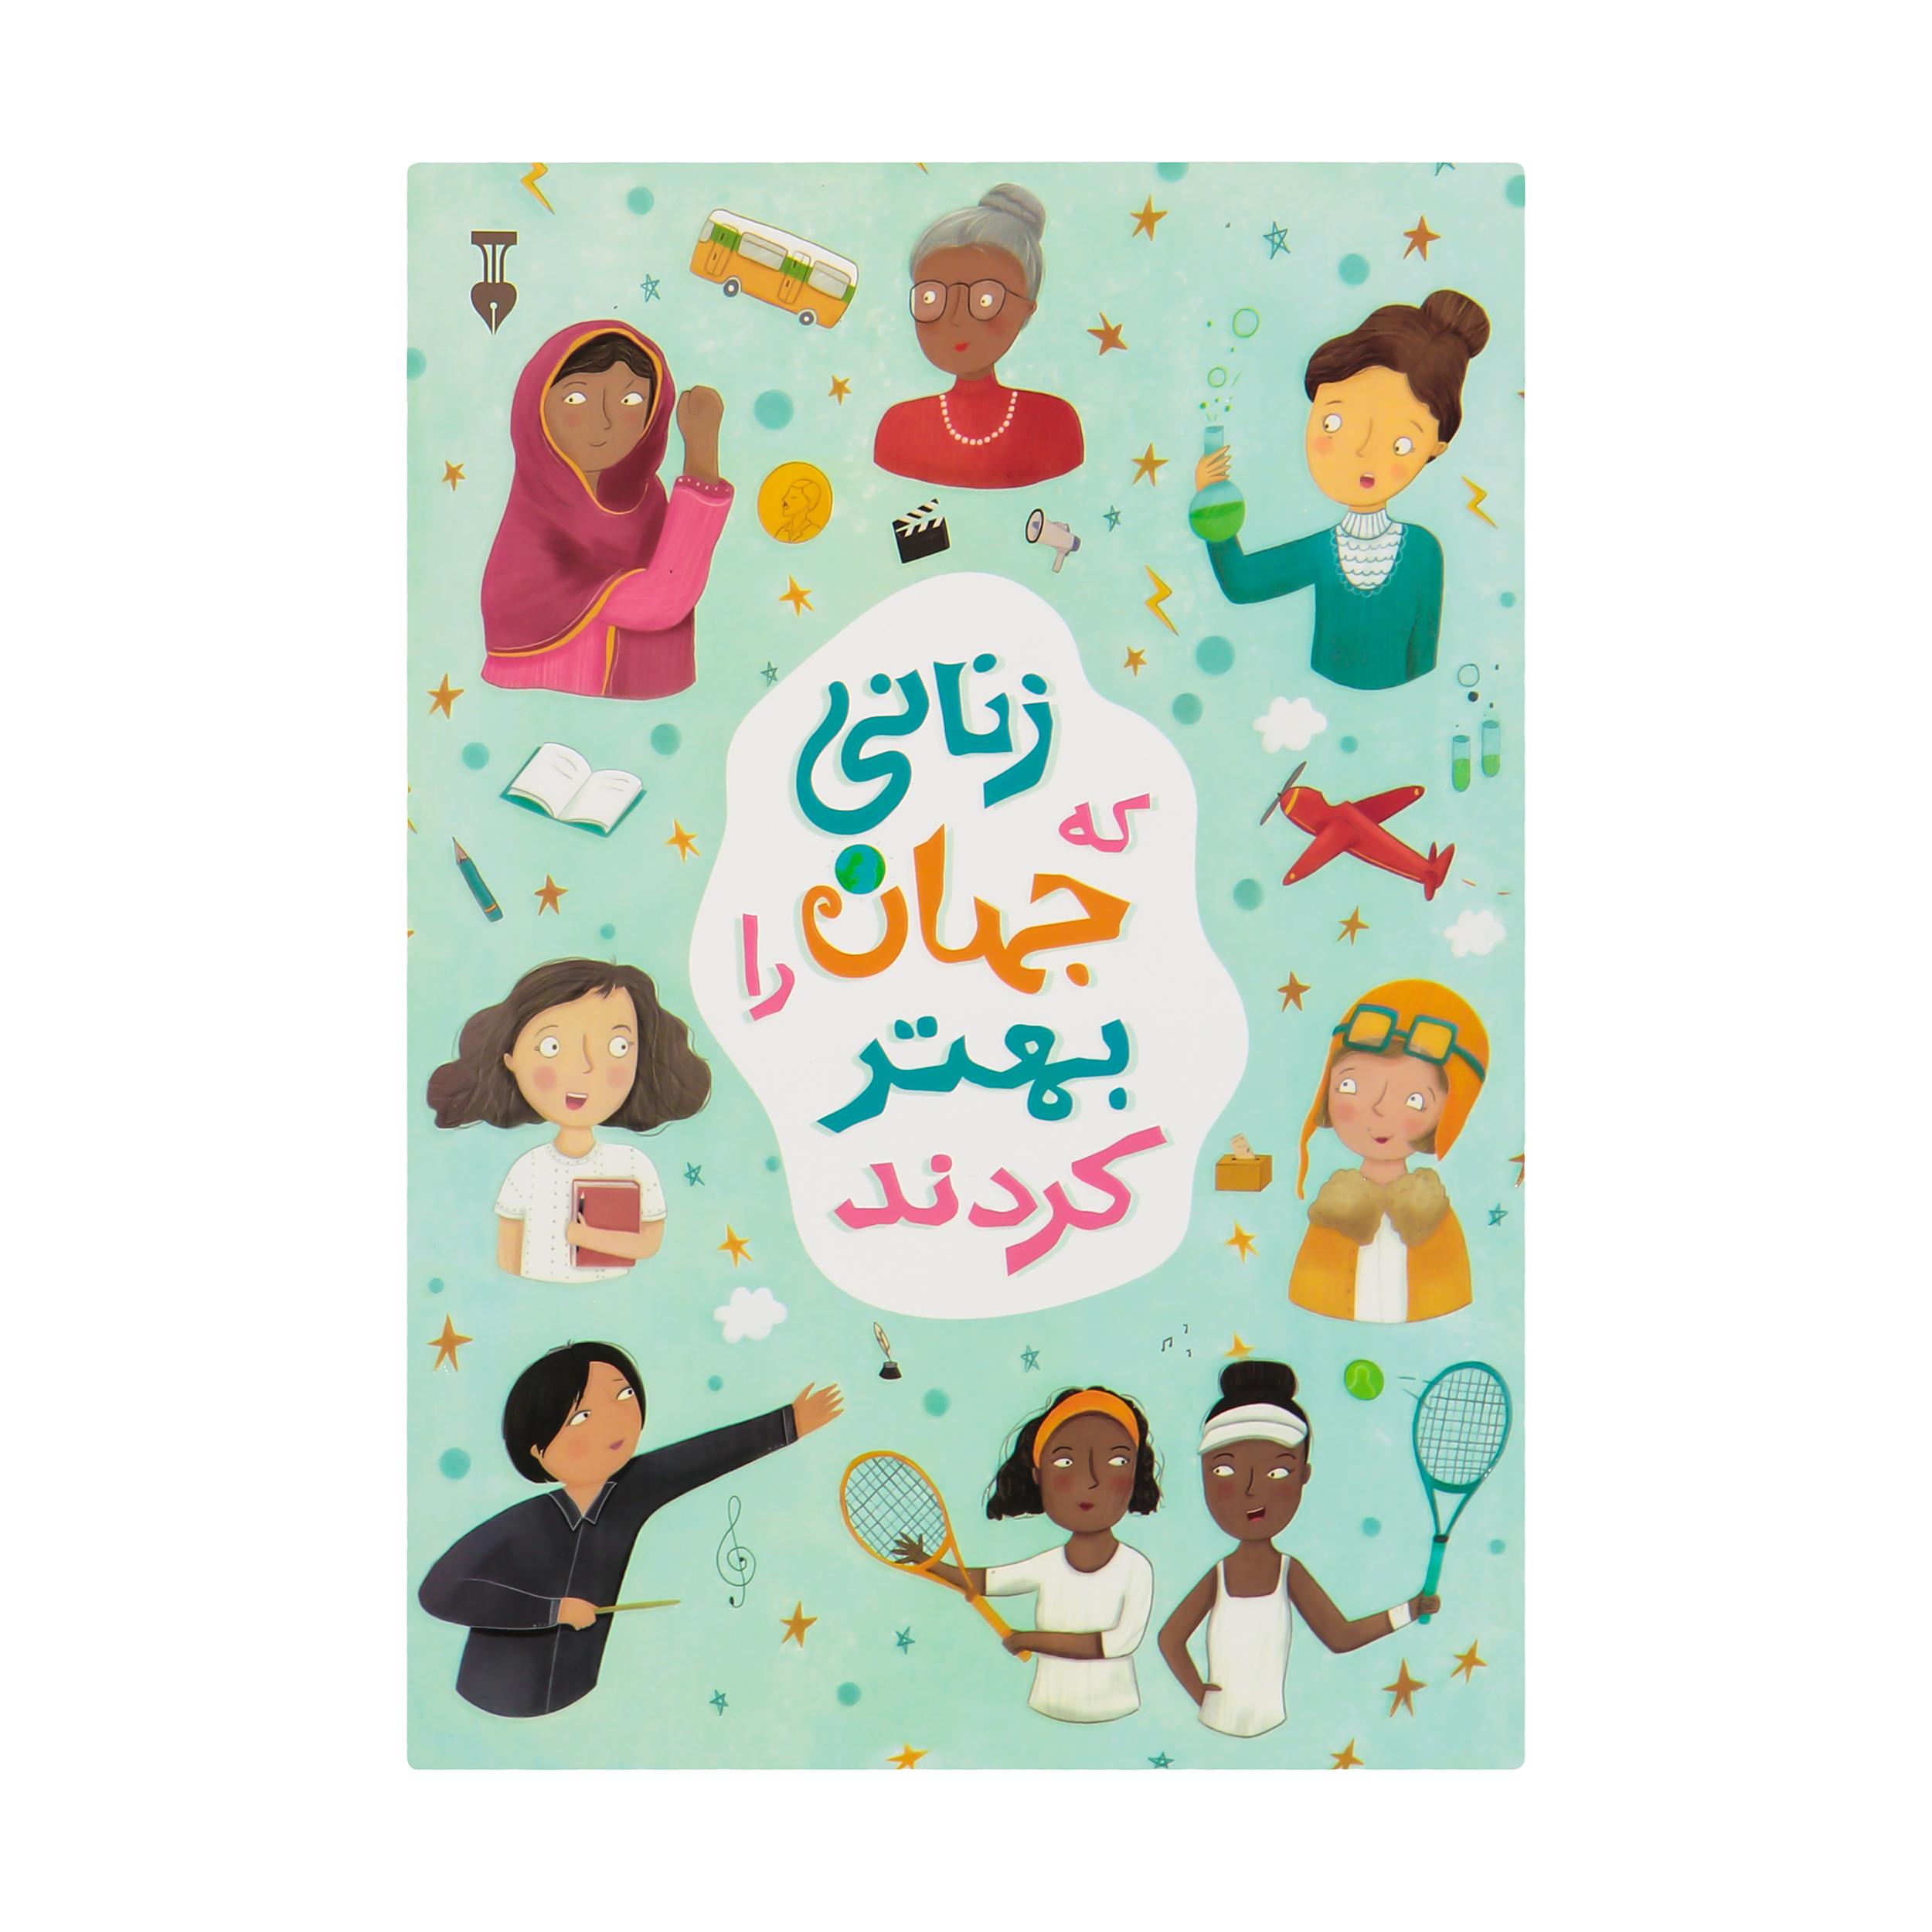 کتاب زنانی که جهان را بهتر کردند اثر جولیا آدامیز نشر نو